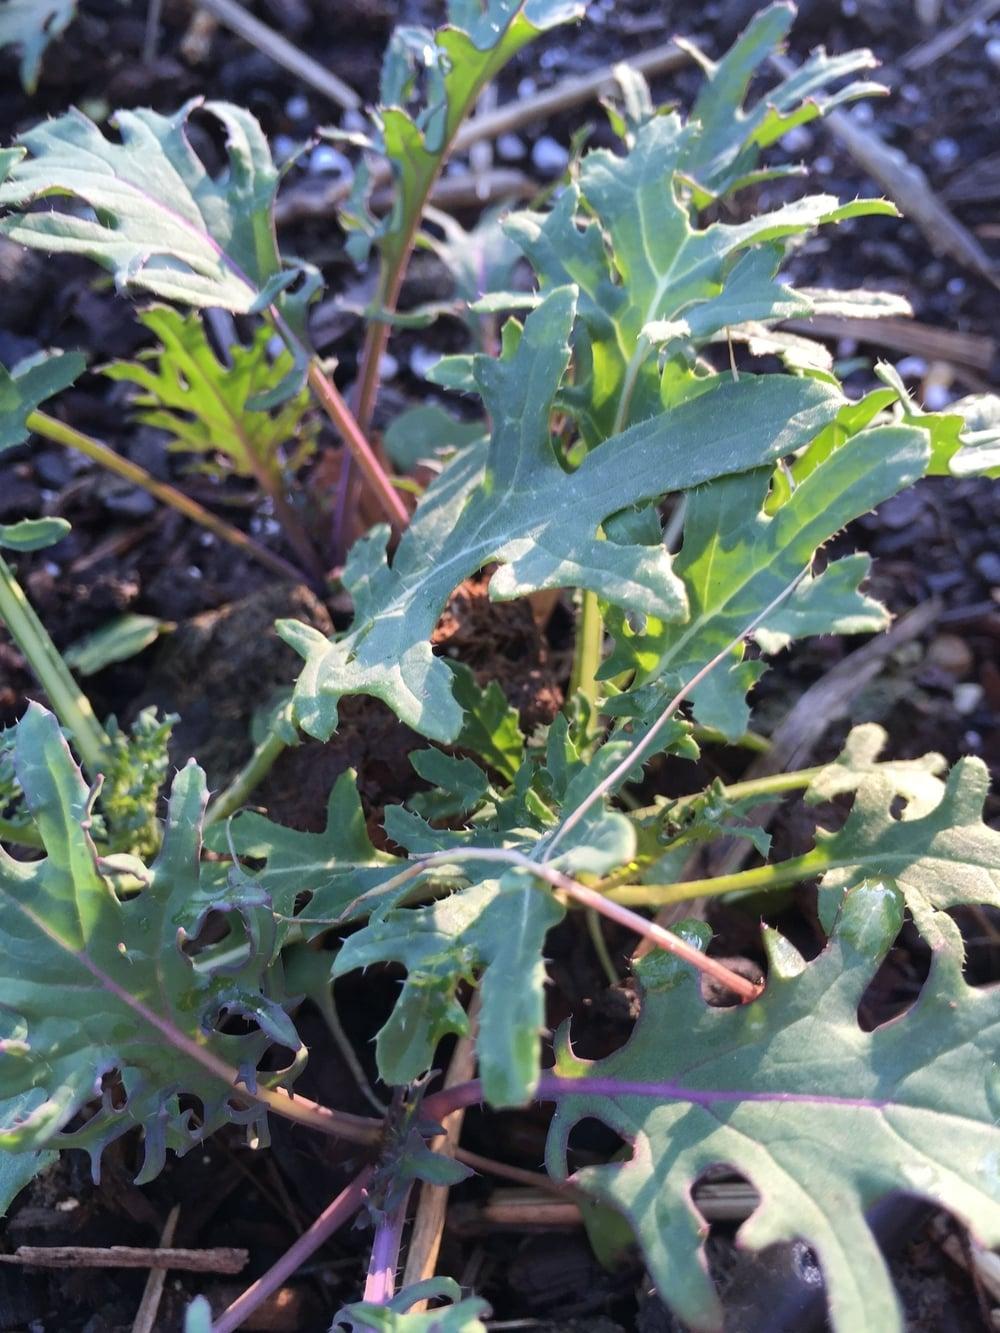 Kale, wild garden frills